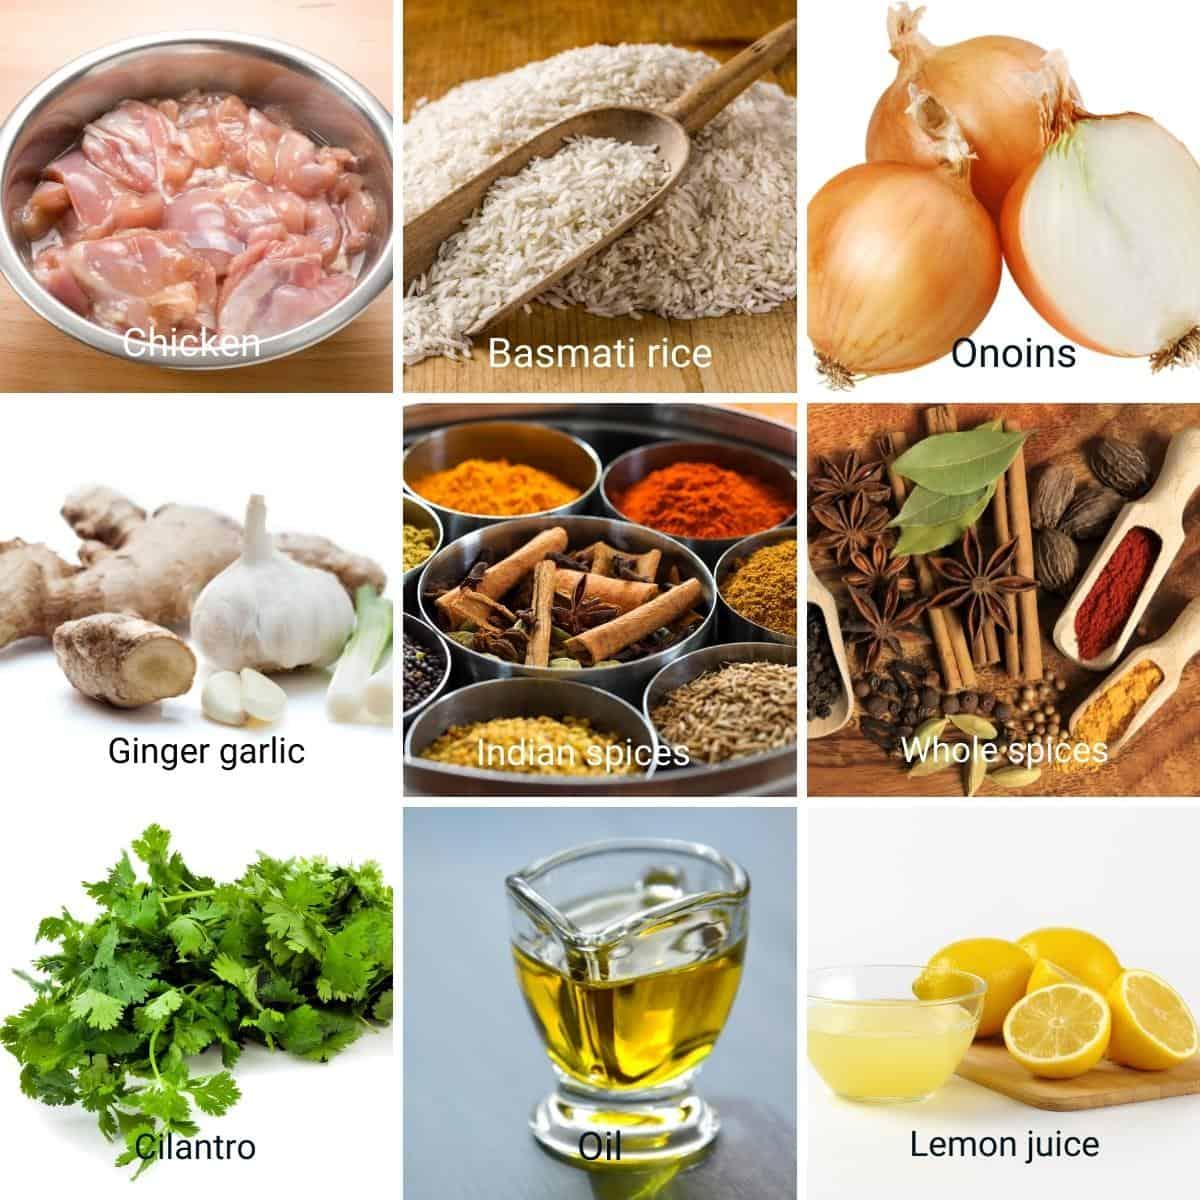 Ingredients for Chicken Biryani in Instant Pot.